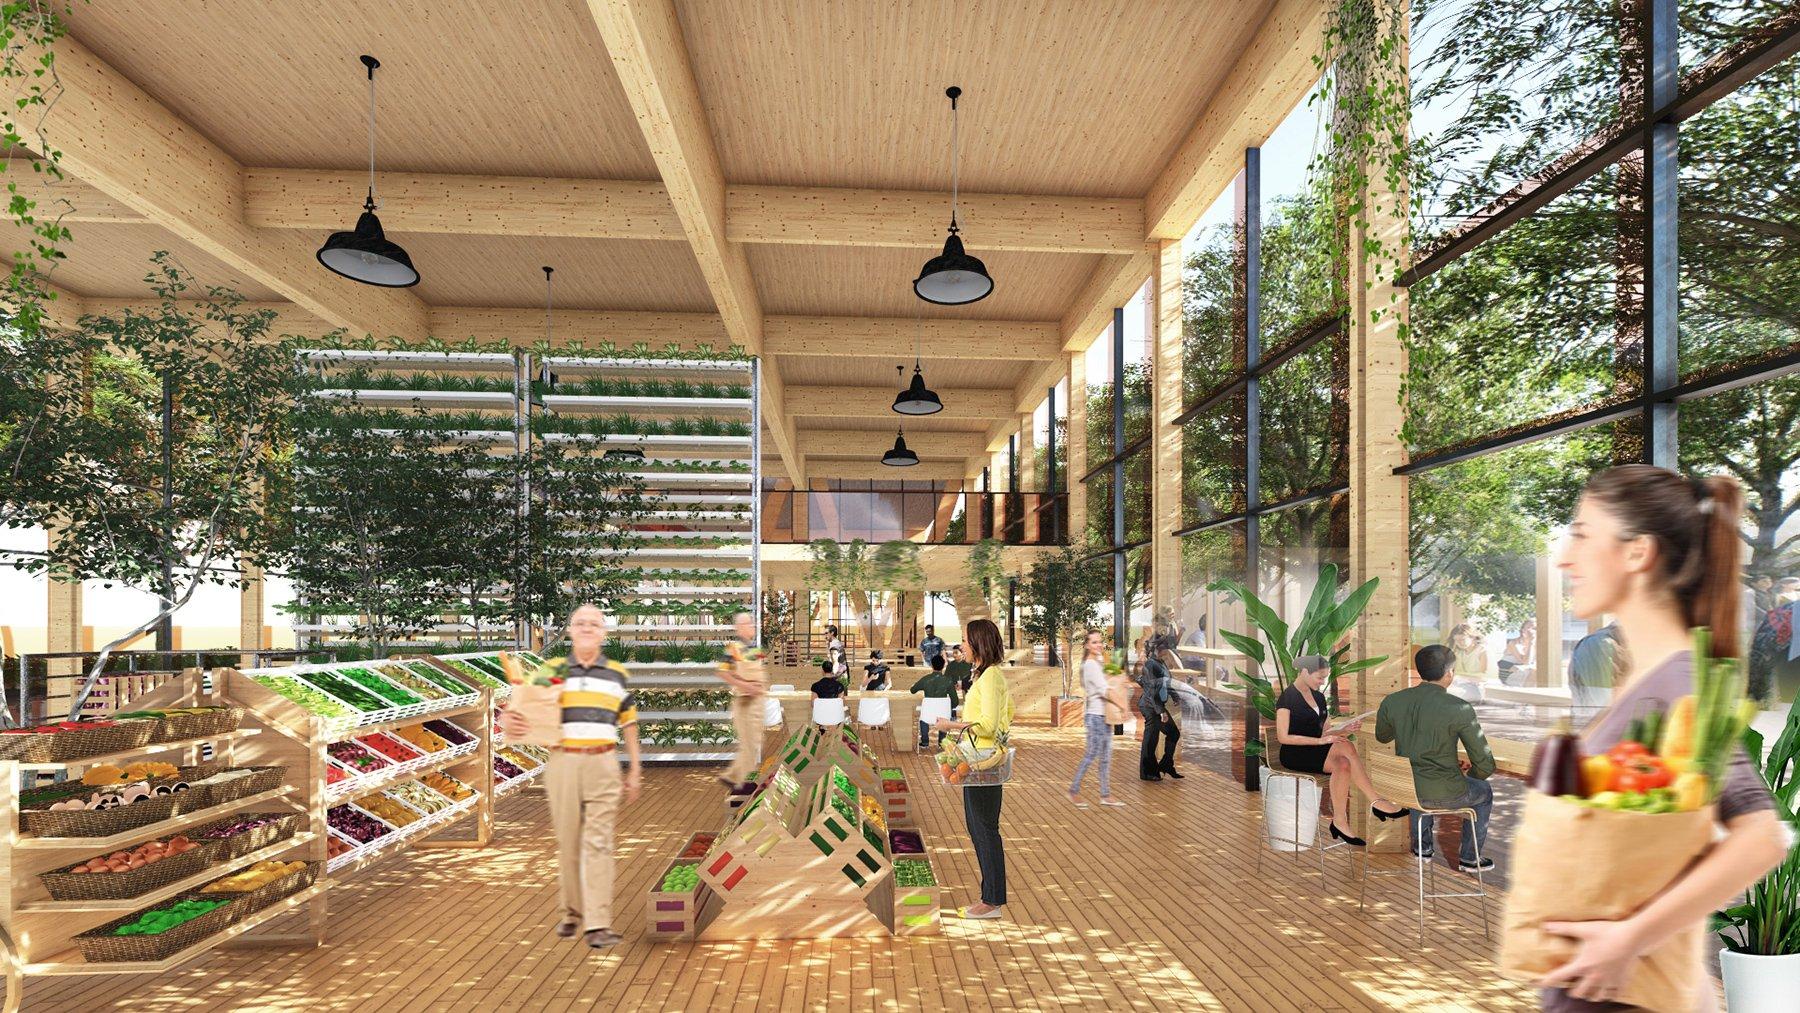 Guallart Architects